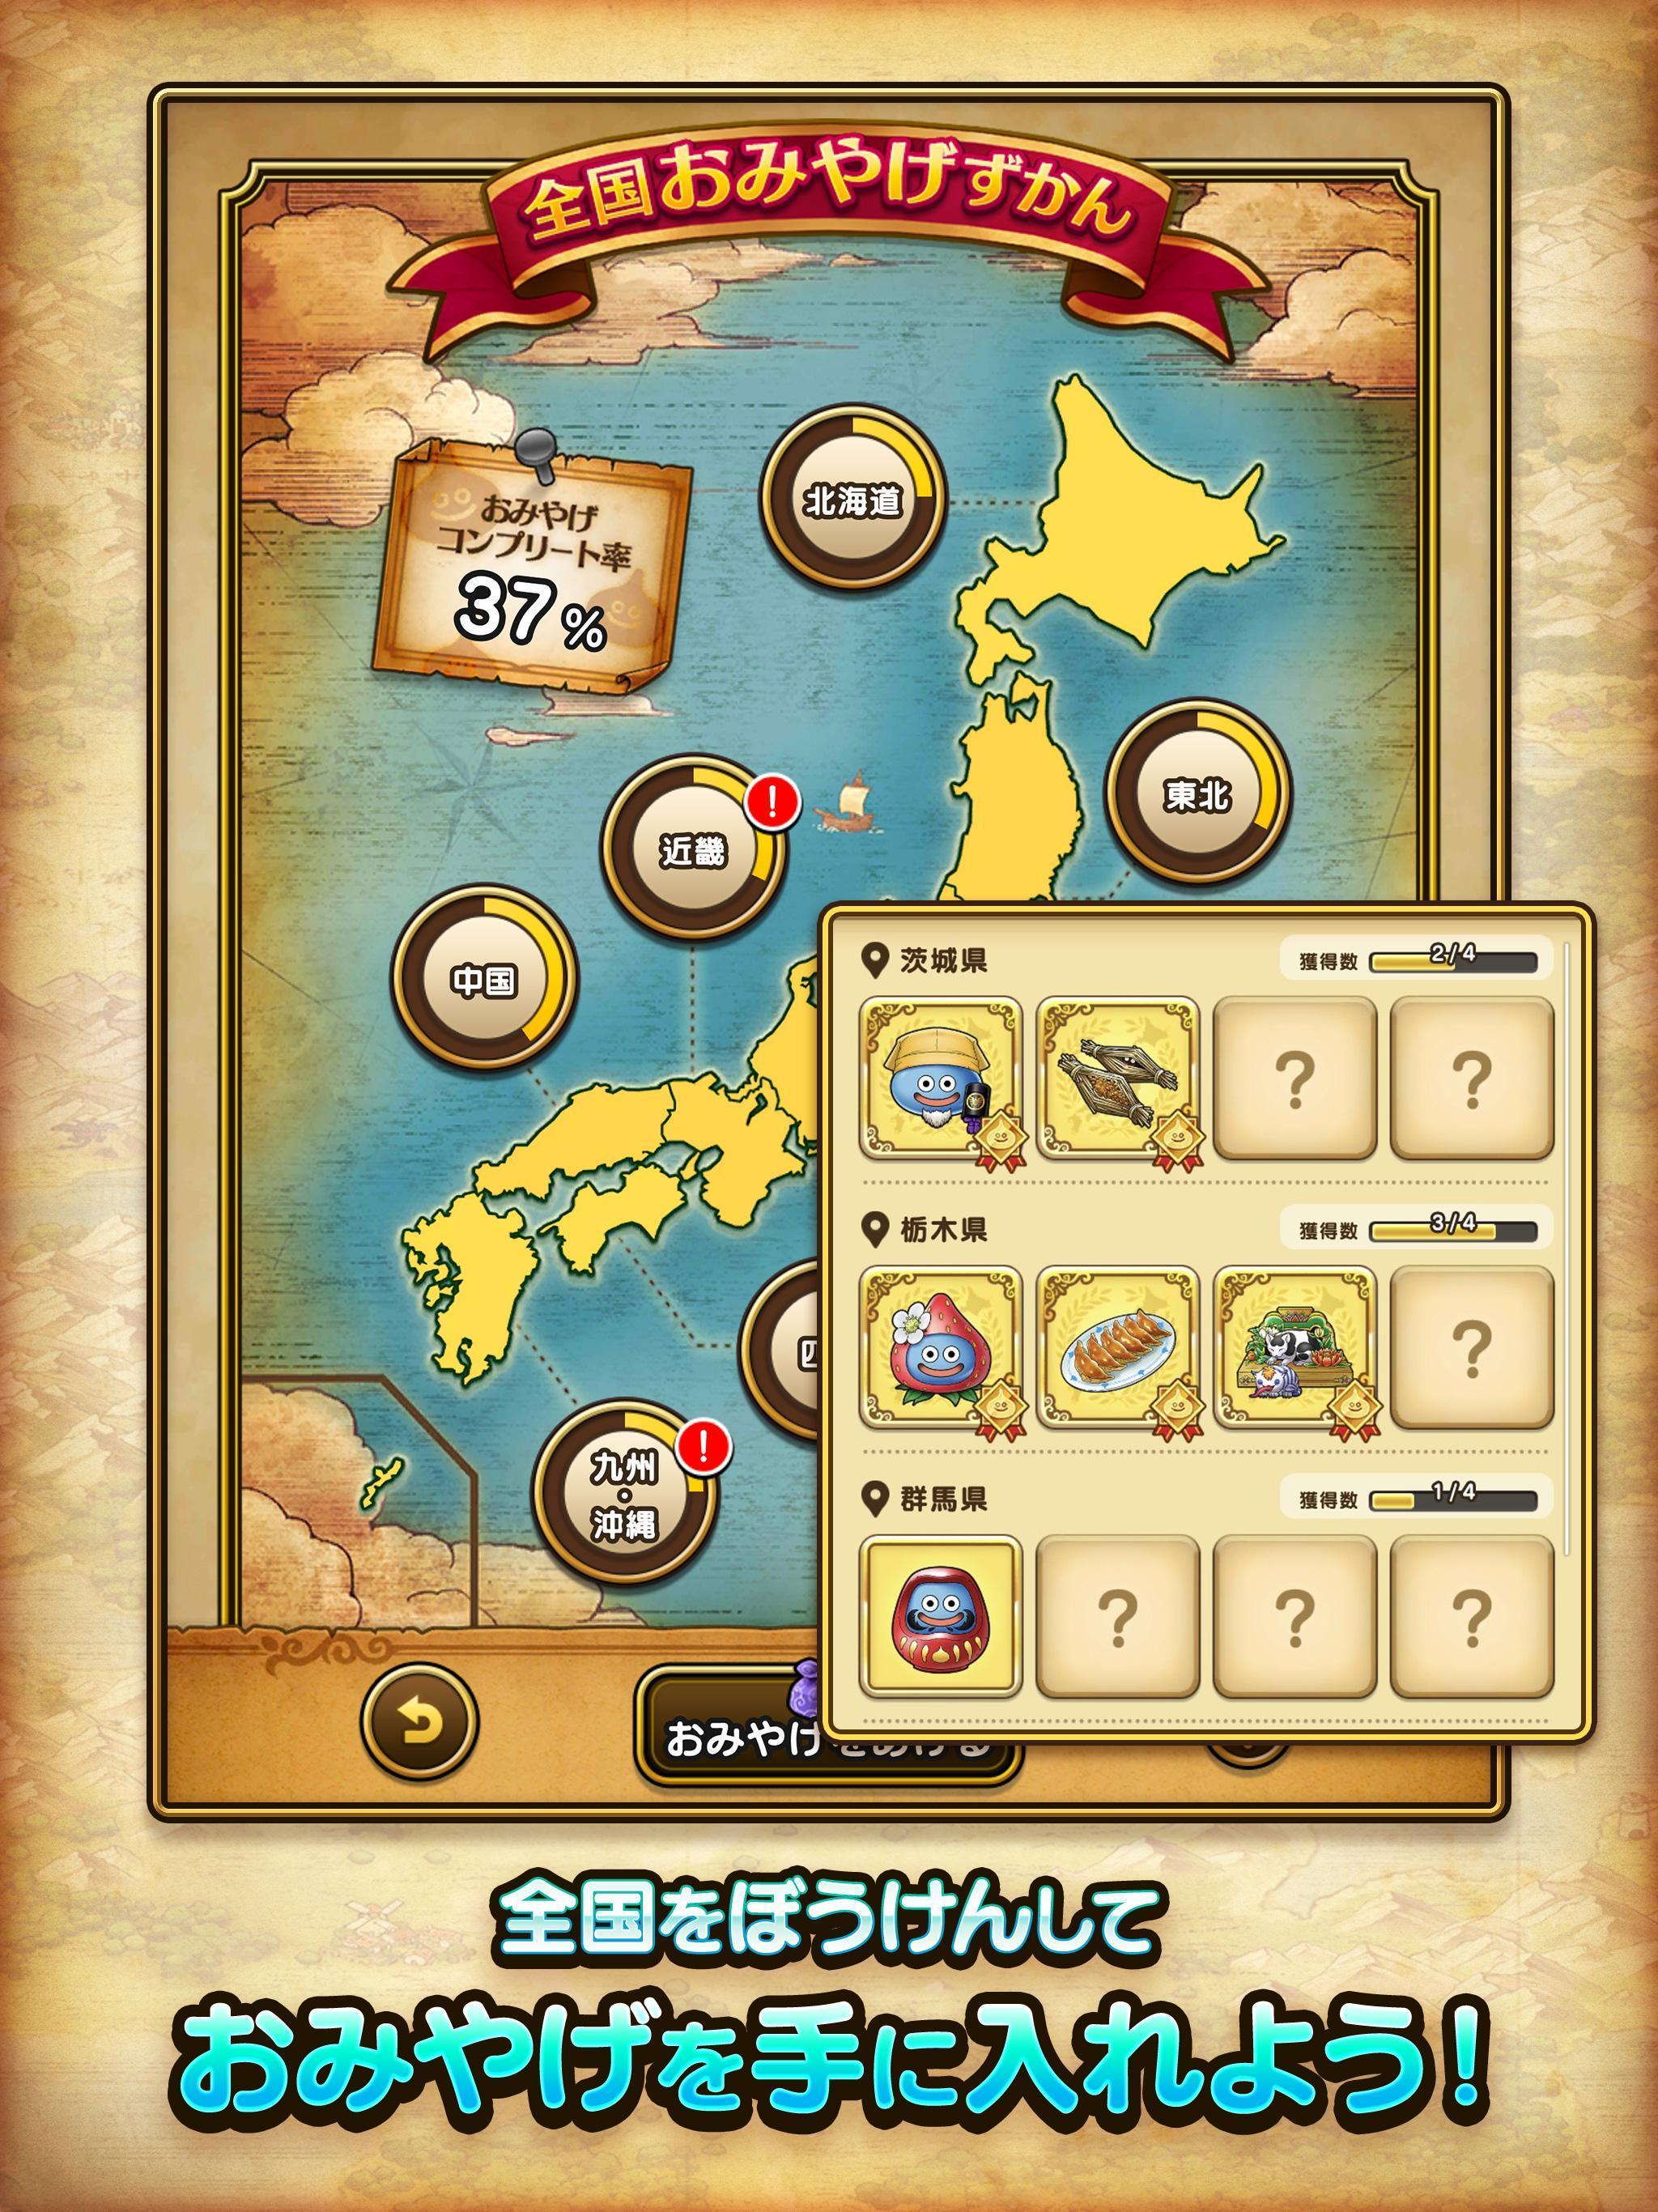 ドラゴンクエストウォーク 1.1.1 Screenshot 16